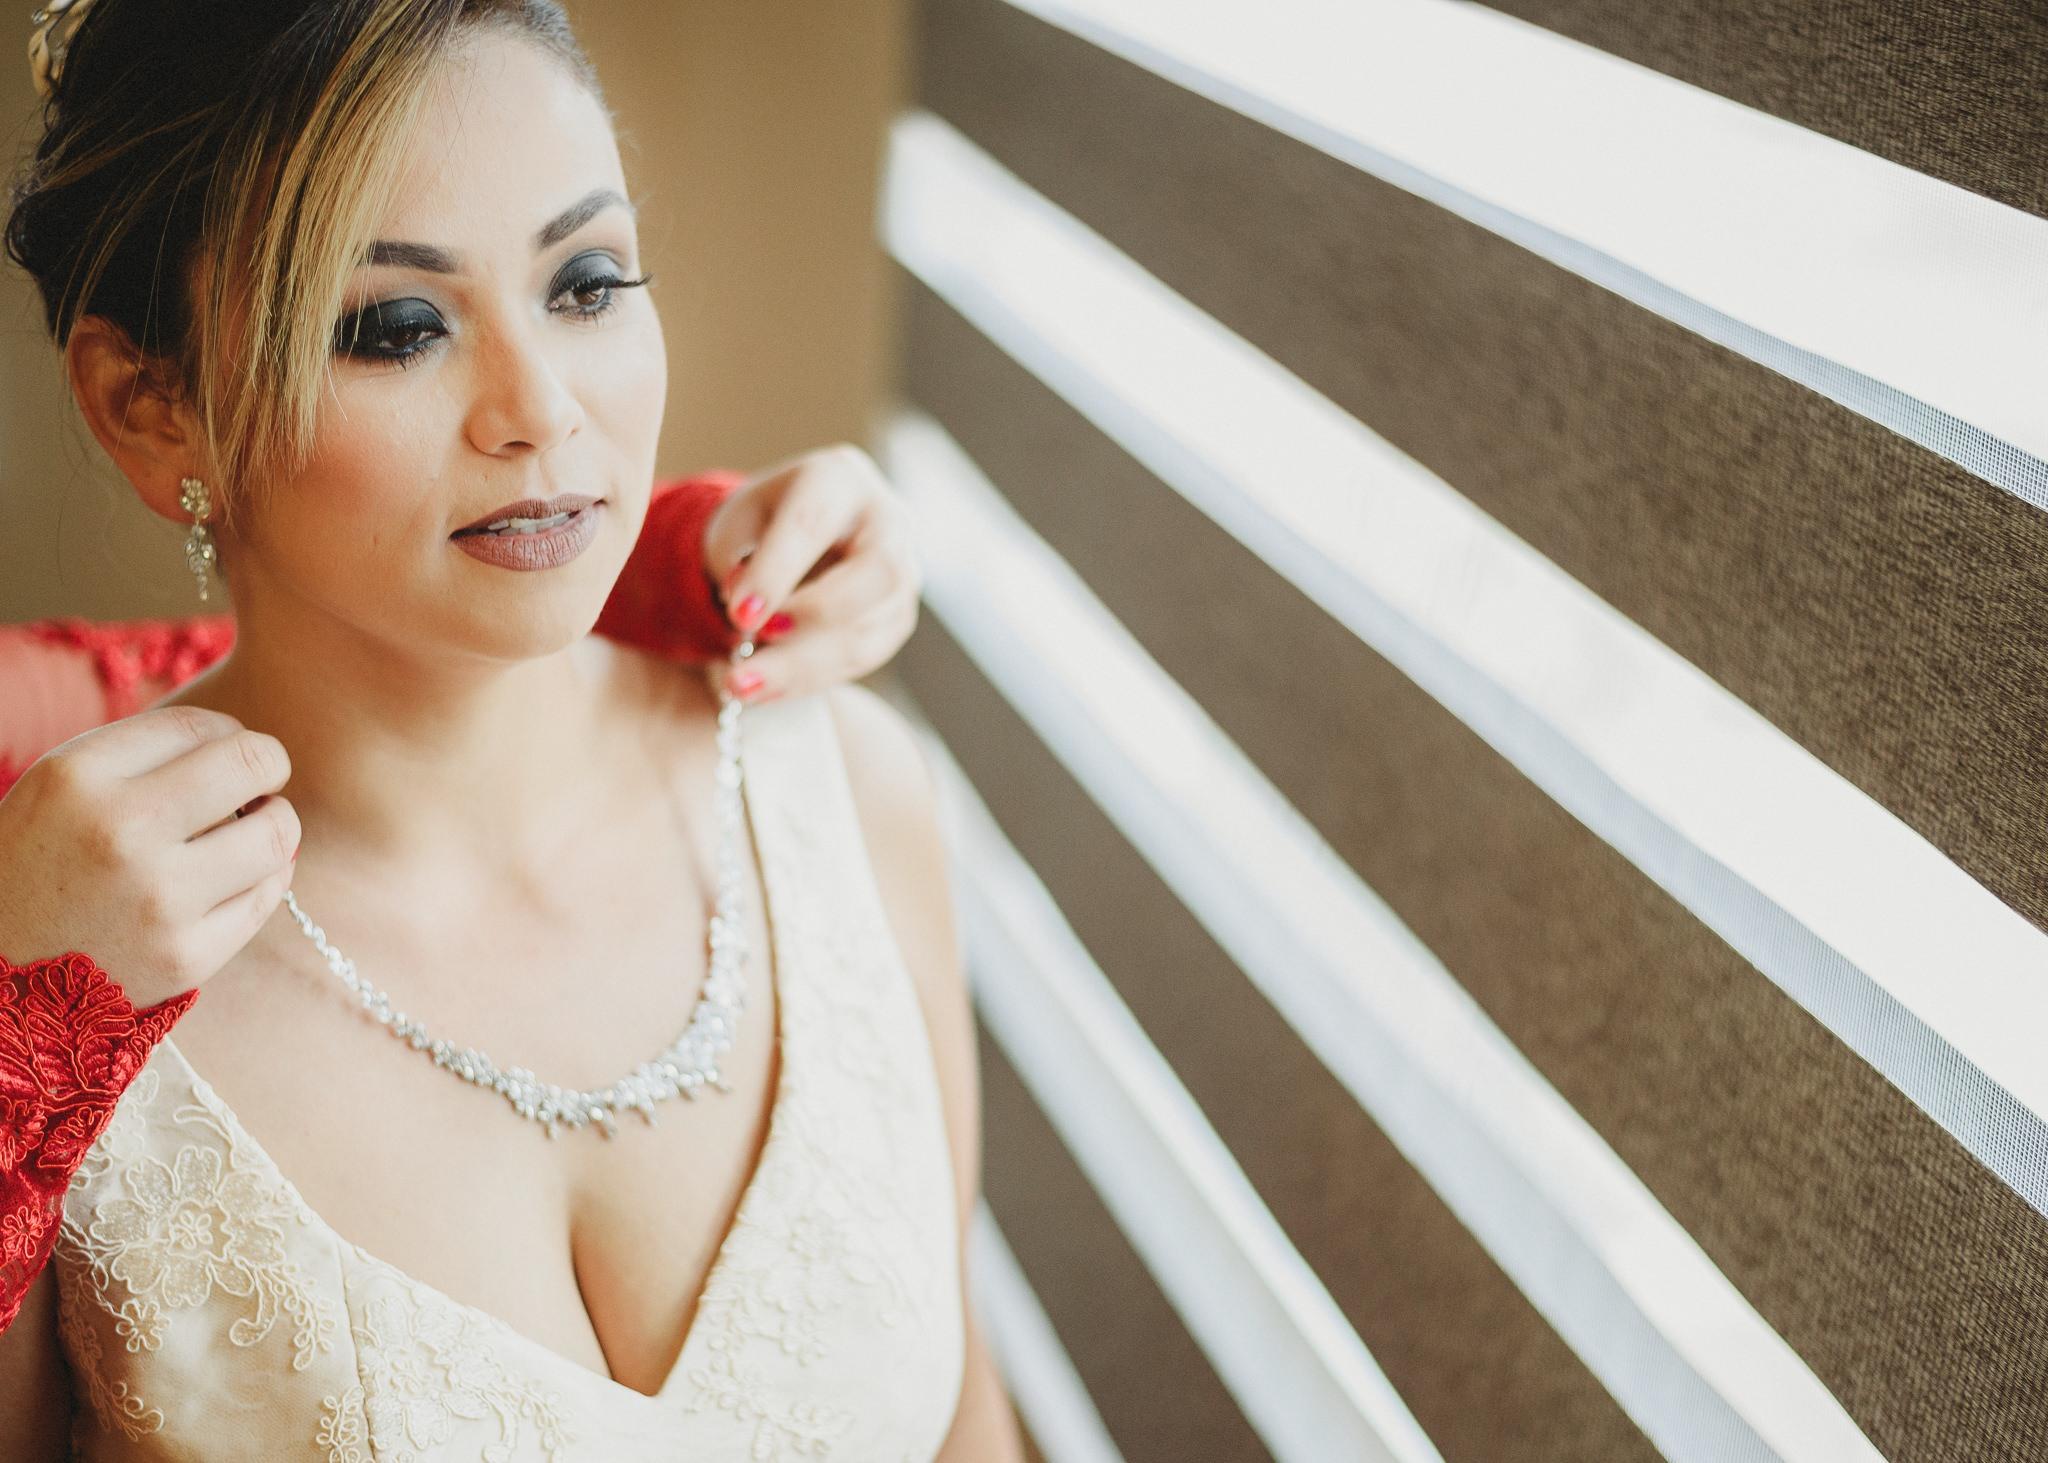 01getting-ready-wedding-hotel-las-trojes-boda-preparativos-fotografo-luis-houdin44